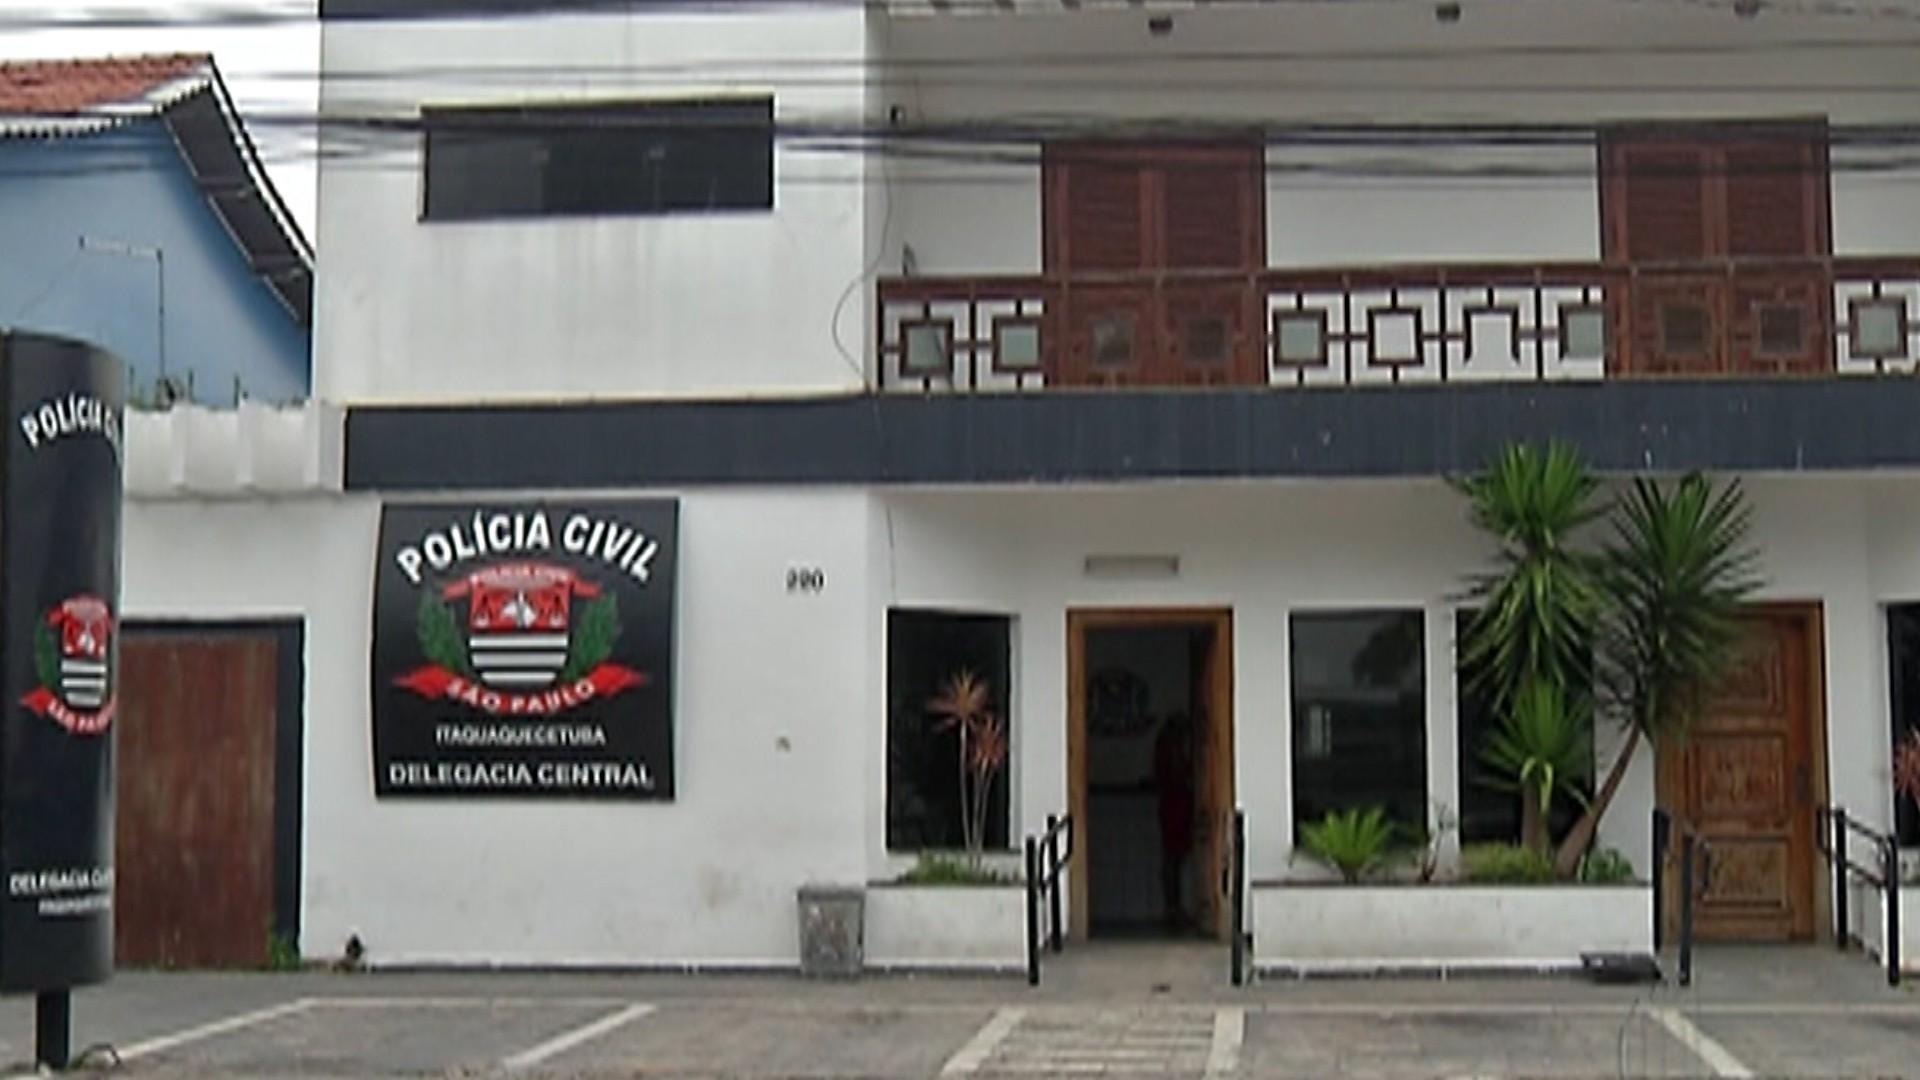 Homem de 35 anos é liberado na delegacia após ter sido preso sob suspeita de estuprar menina de 11 anos em Itaquaquecetuba